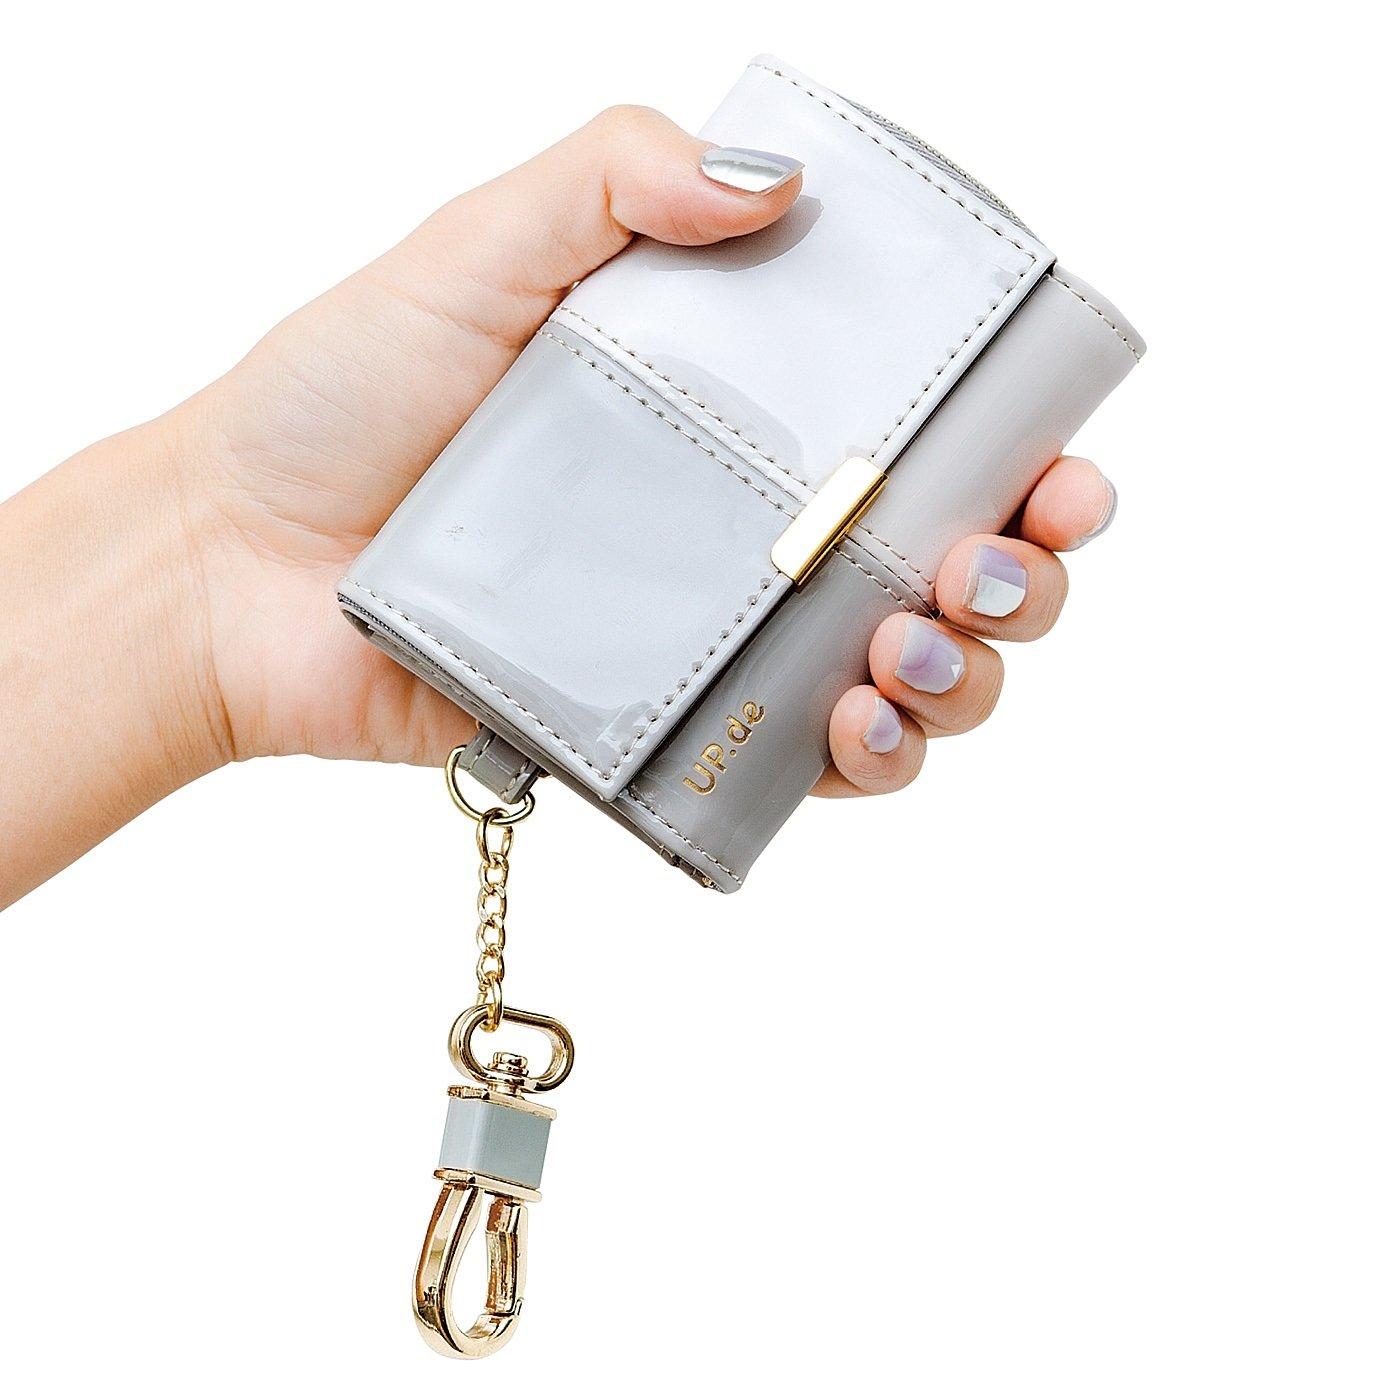 UP.de キーリング付き 必要なものがきちんと収まる 手のひらサイズの大人エナメル財布の会